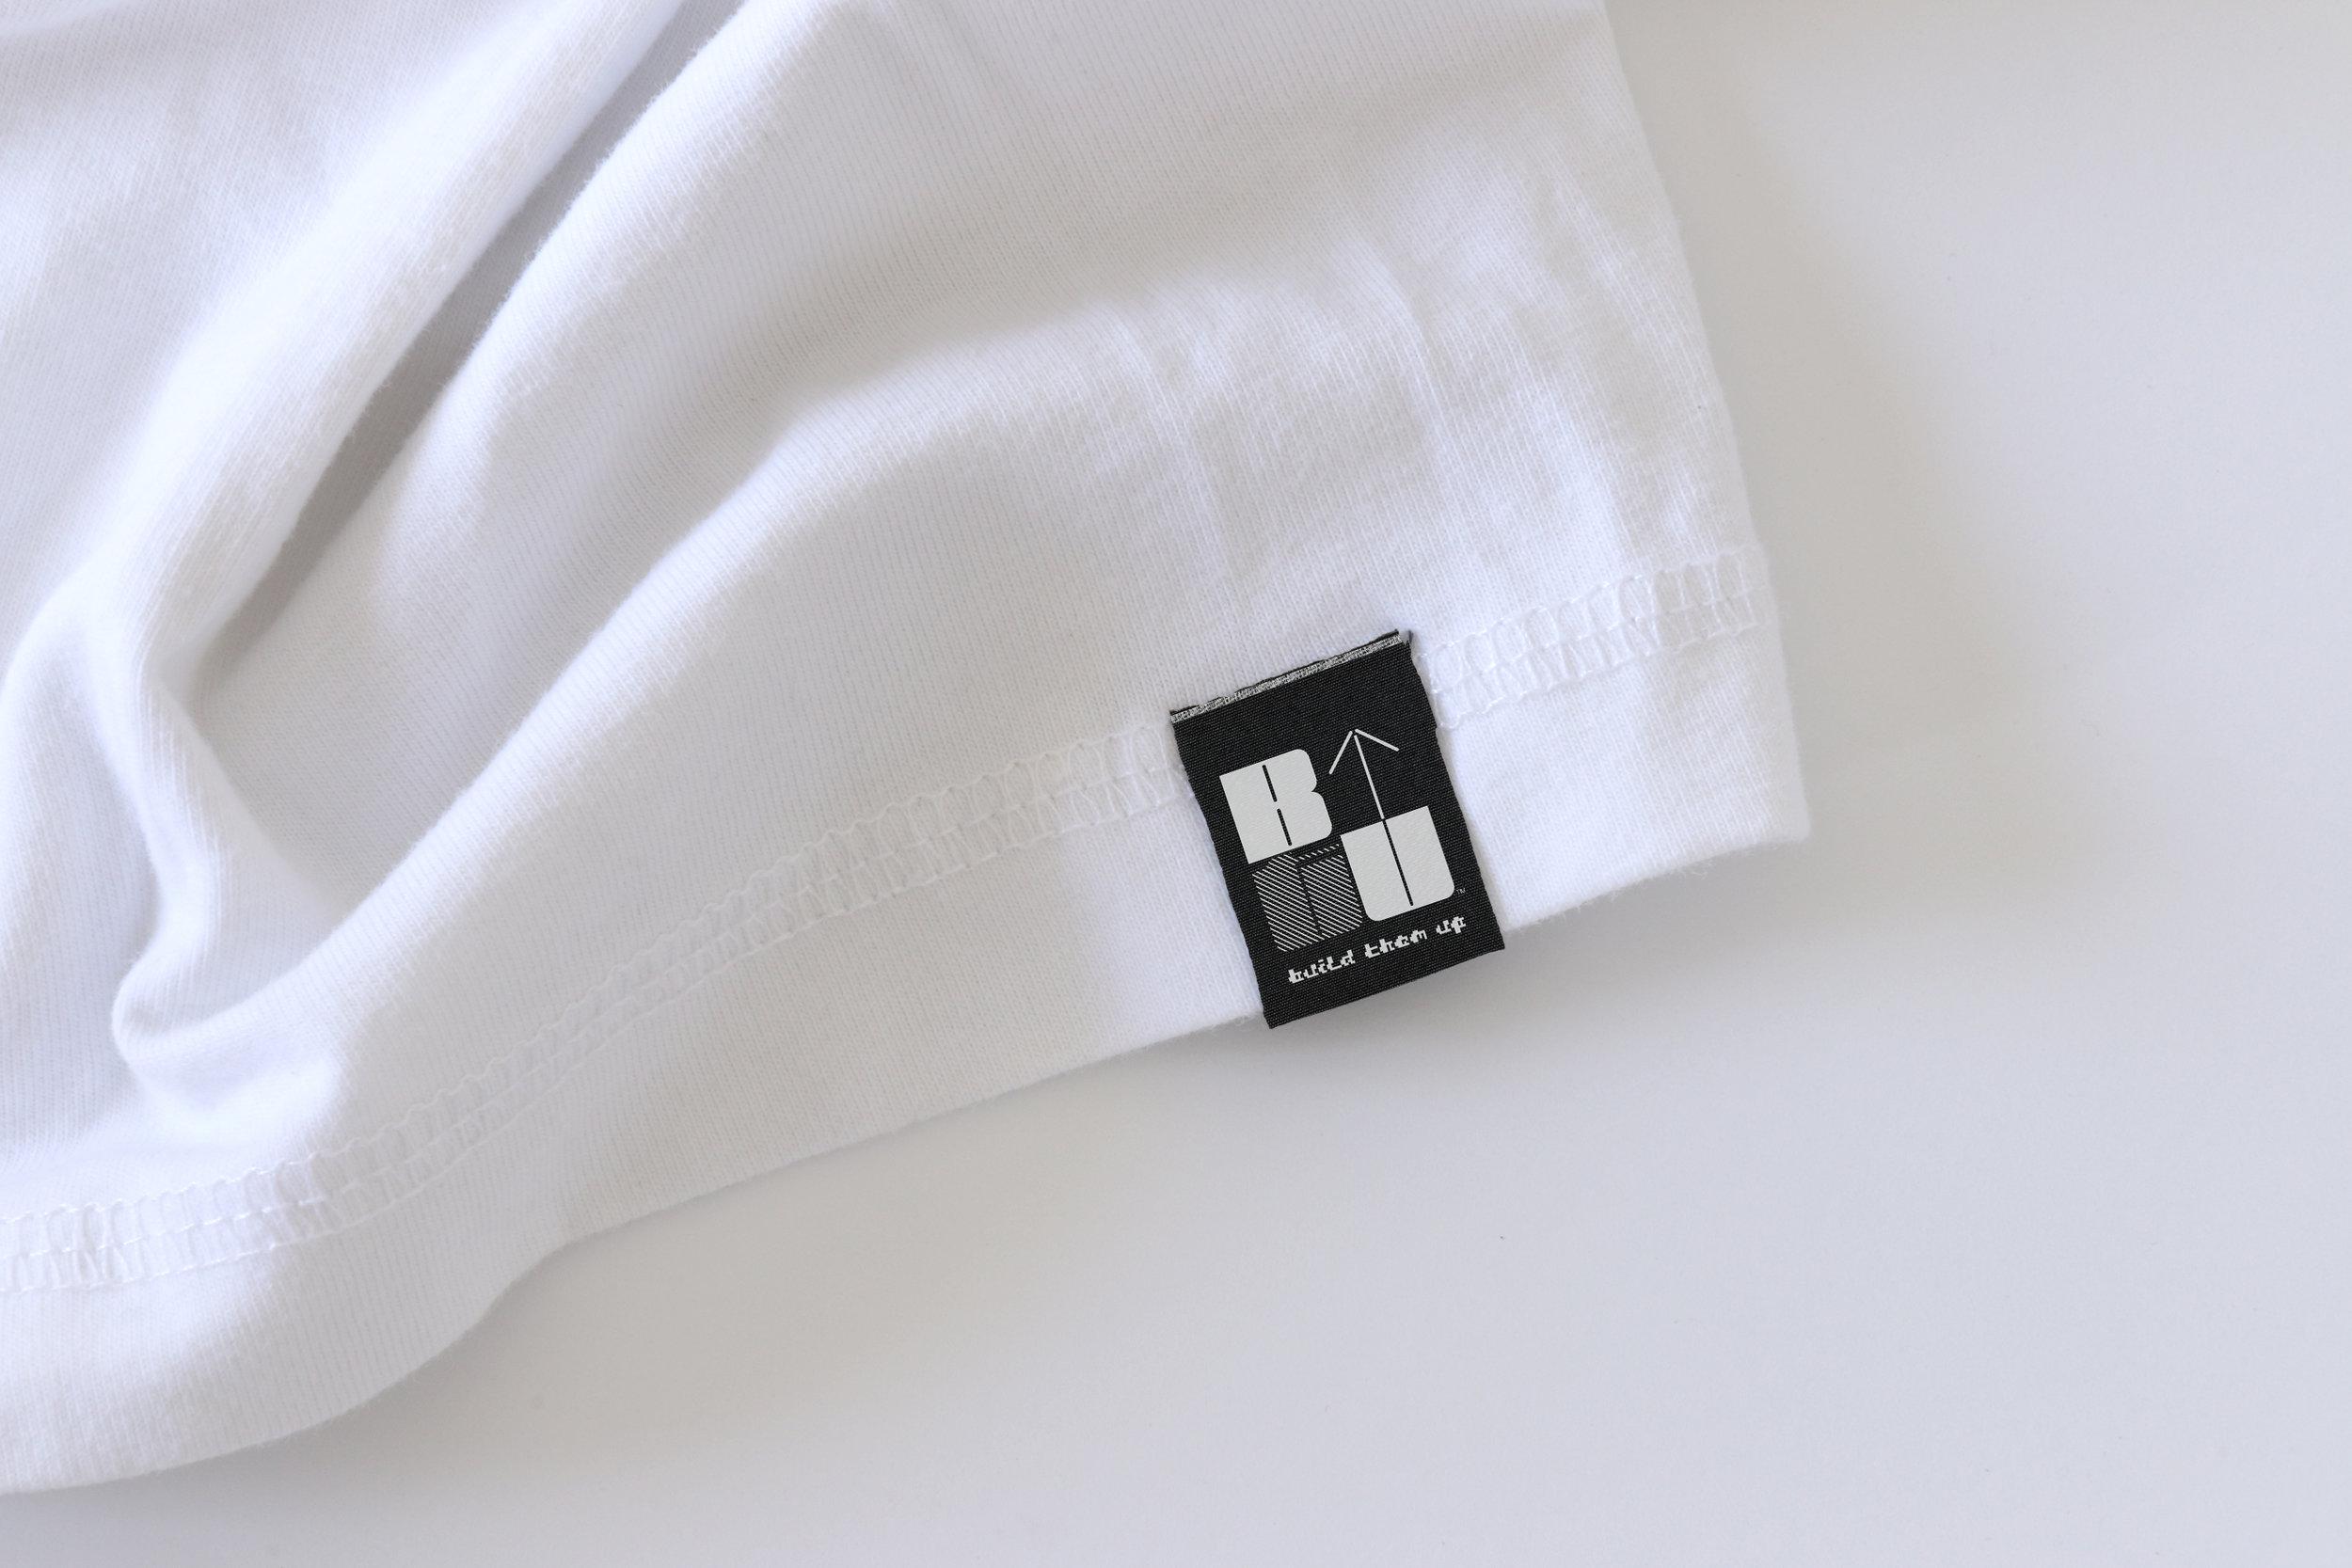 3D_britten_shirt-tag_1_3000w.jpg